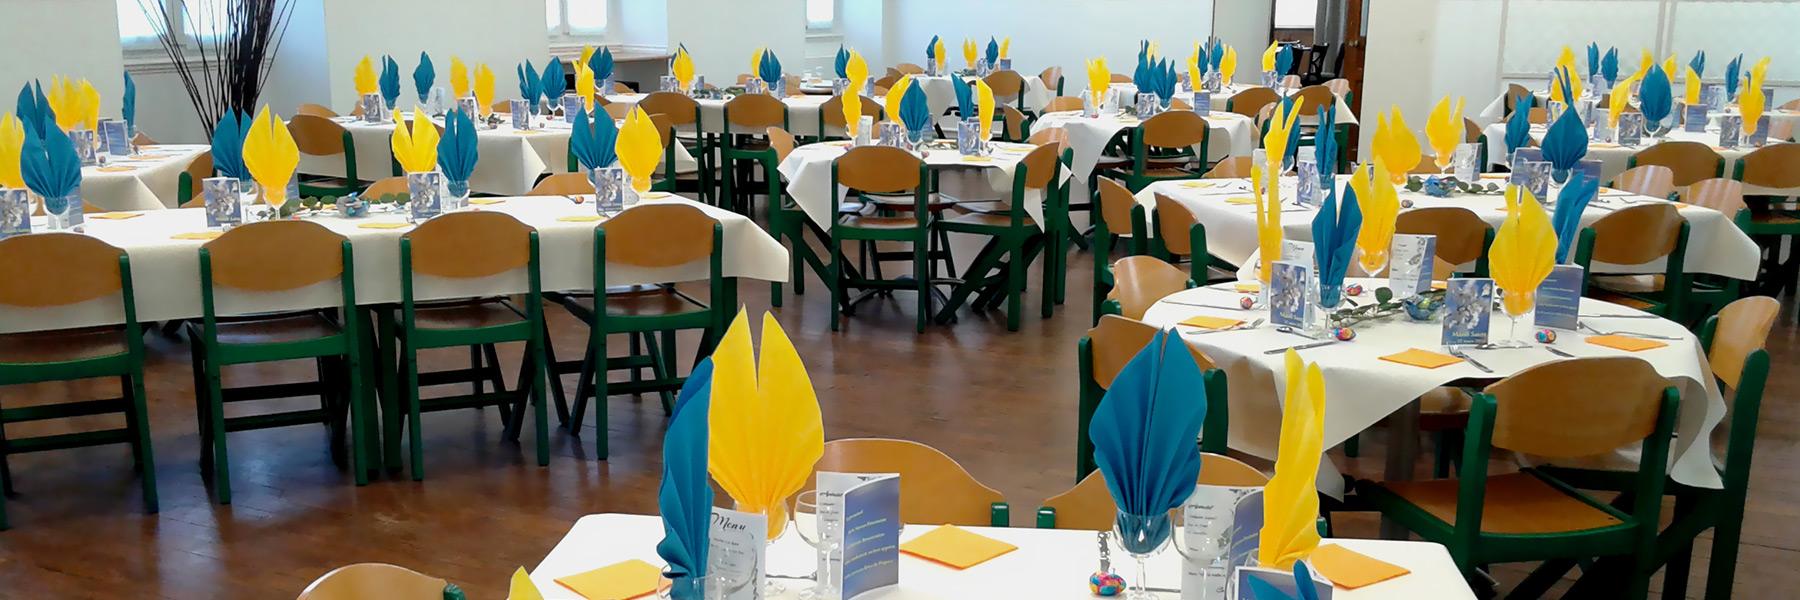 restaurant-entreprise-dijon